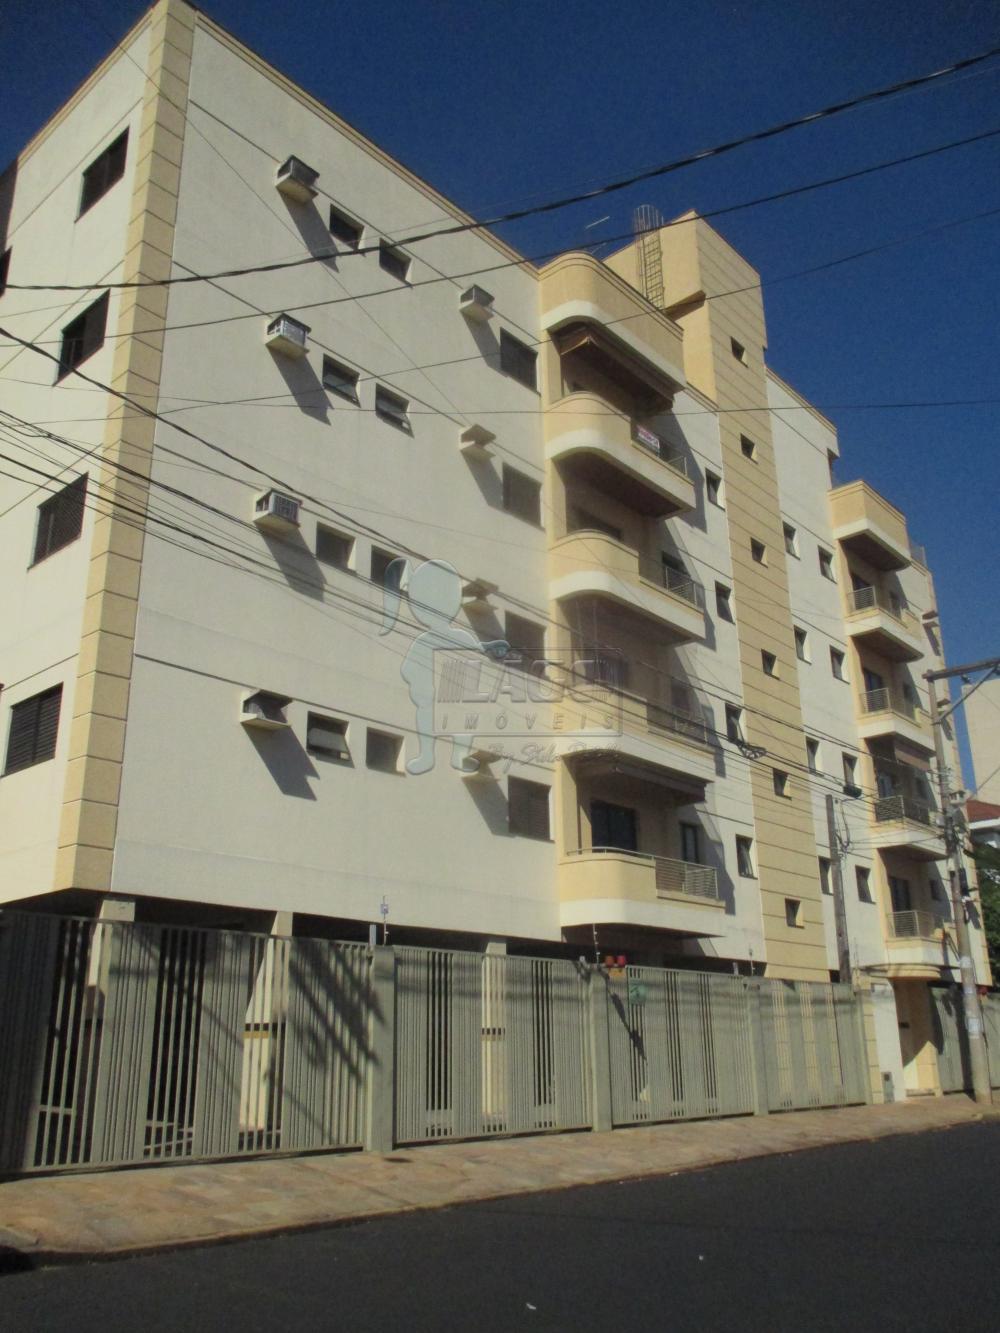 Ribeirao Preto Apartamento Venda R$180.000,00 Condominio R$180,00 2 Dormitorios 1 Suite Area construida 54.38m2